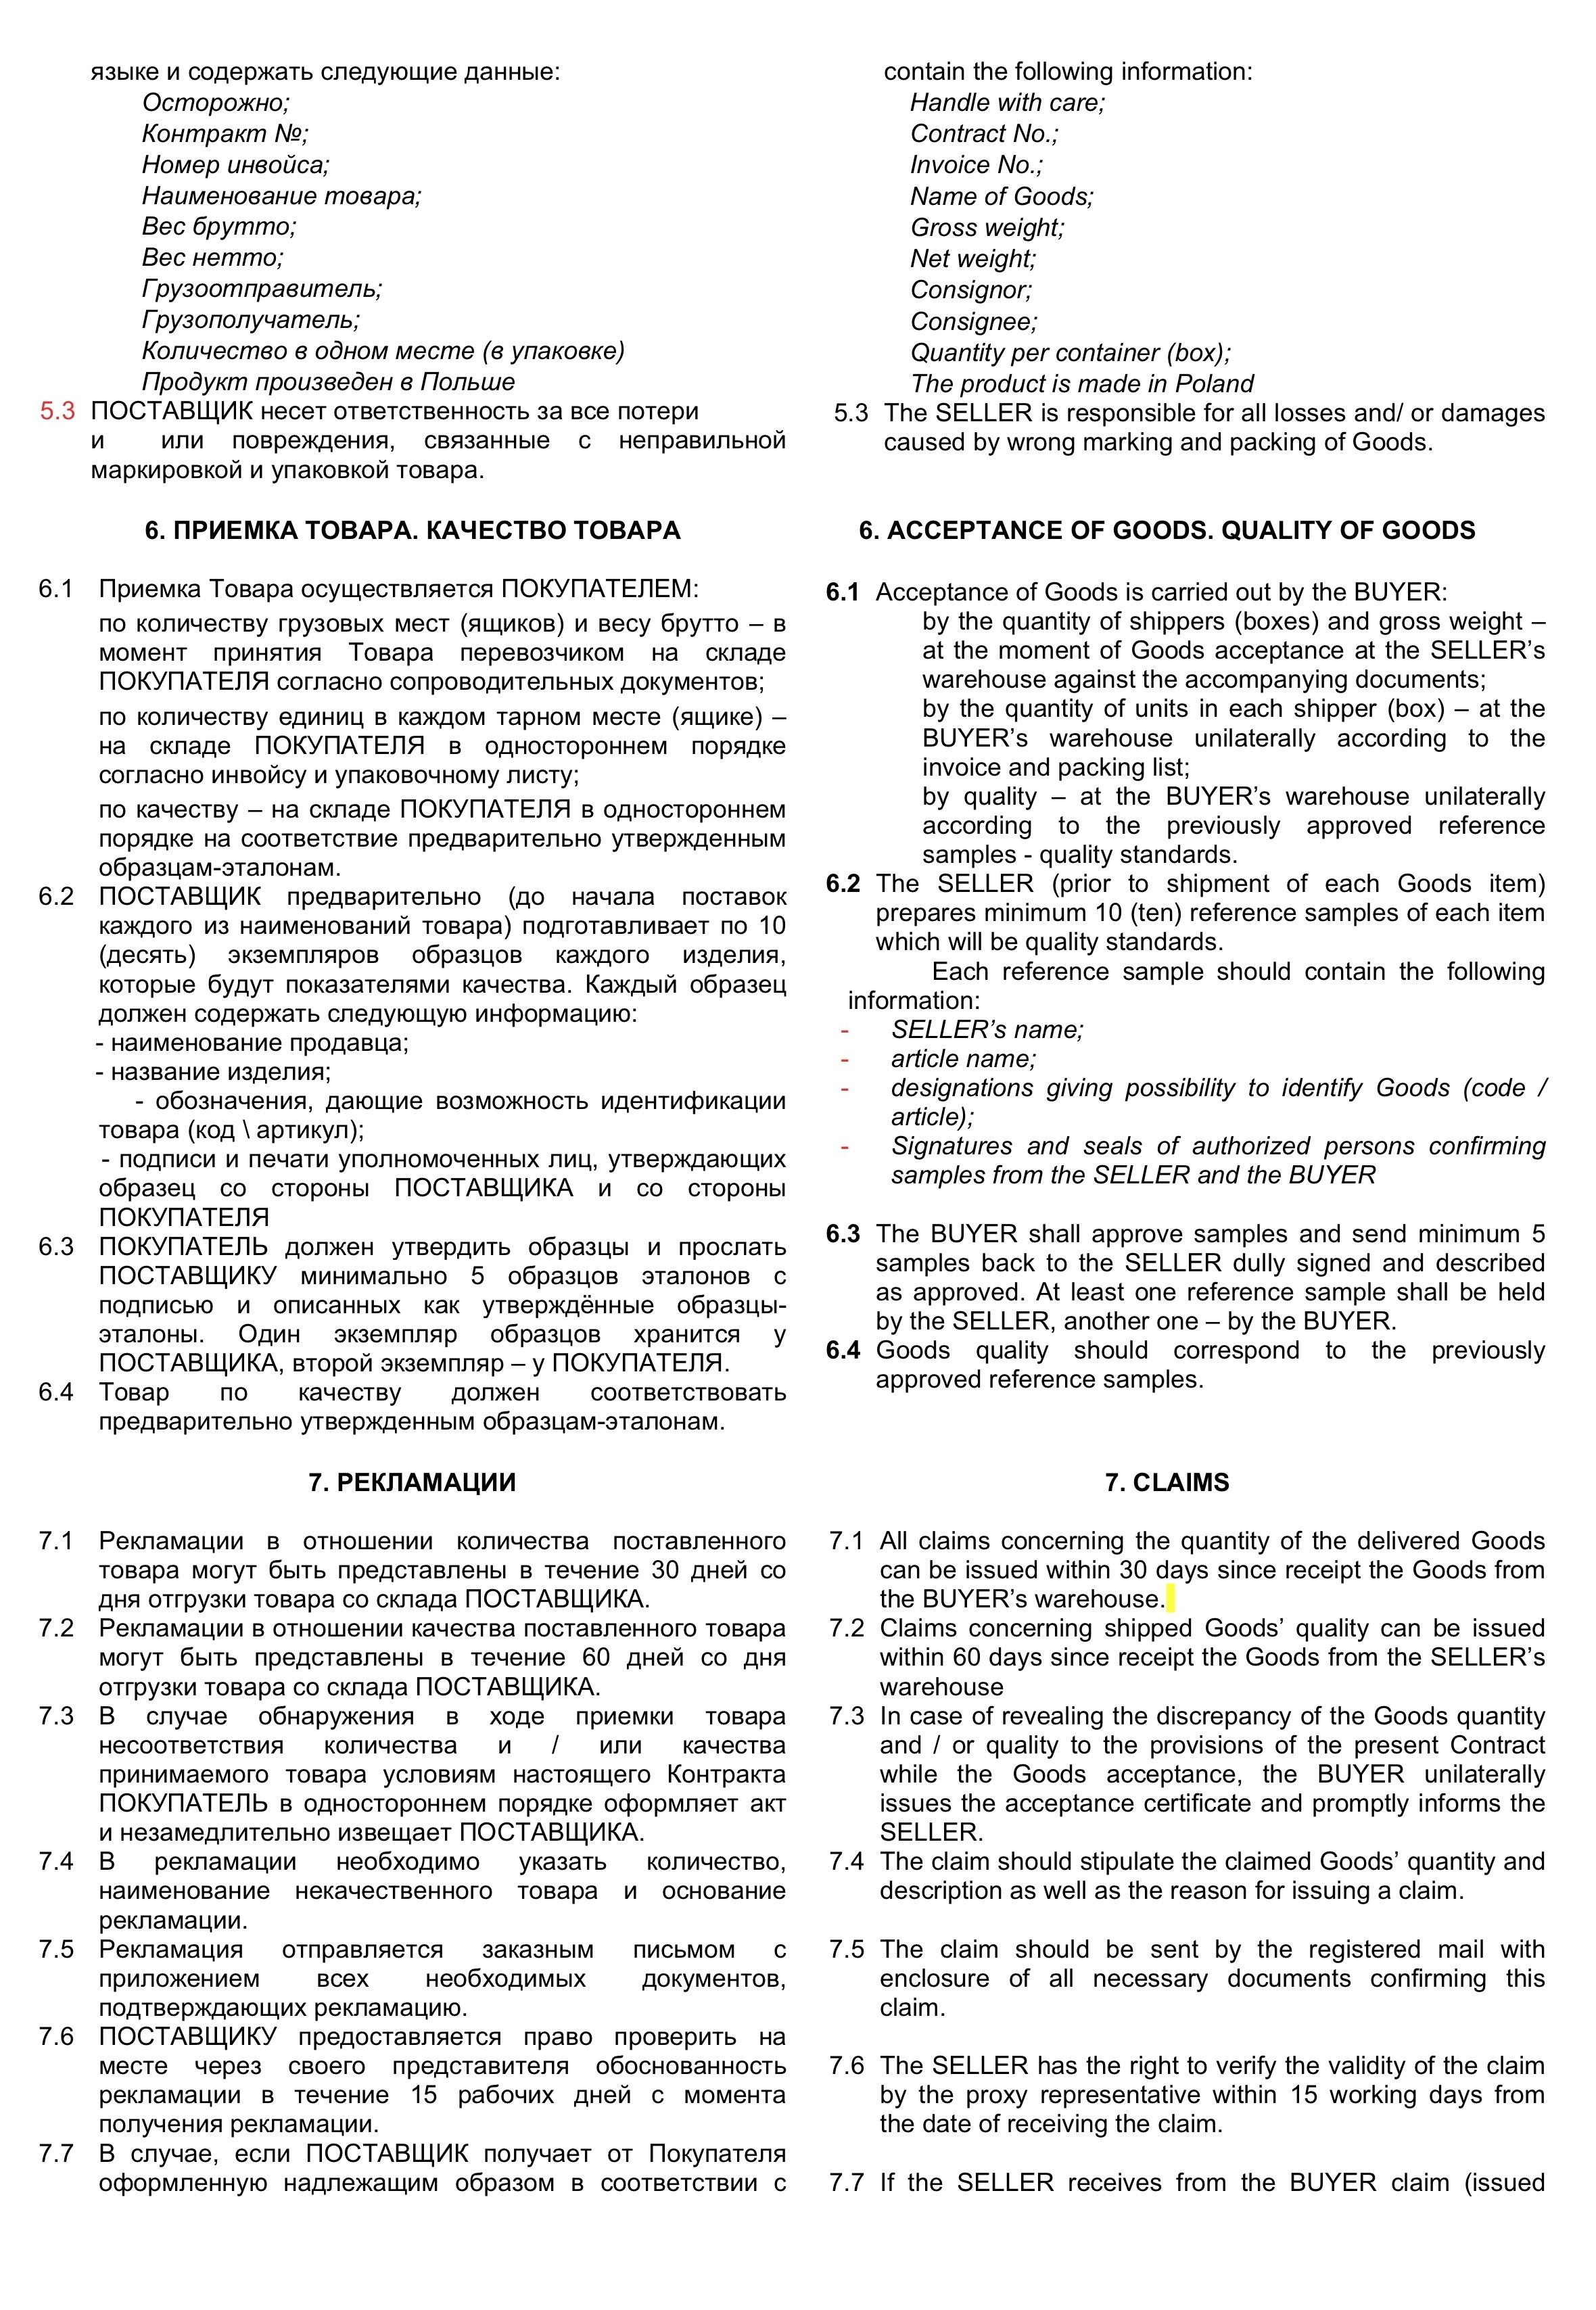 Это контракт напоставку товаров изПольши. Документ составлен надвух языках — русском ианглийском. Поусловиям пункта3 оплата товара происходит доотправления, двумя траншами вевро. Условия поставки прописаны впункте4.1: FCA Инкотермс2010